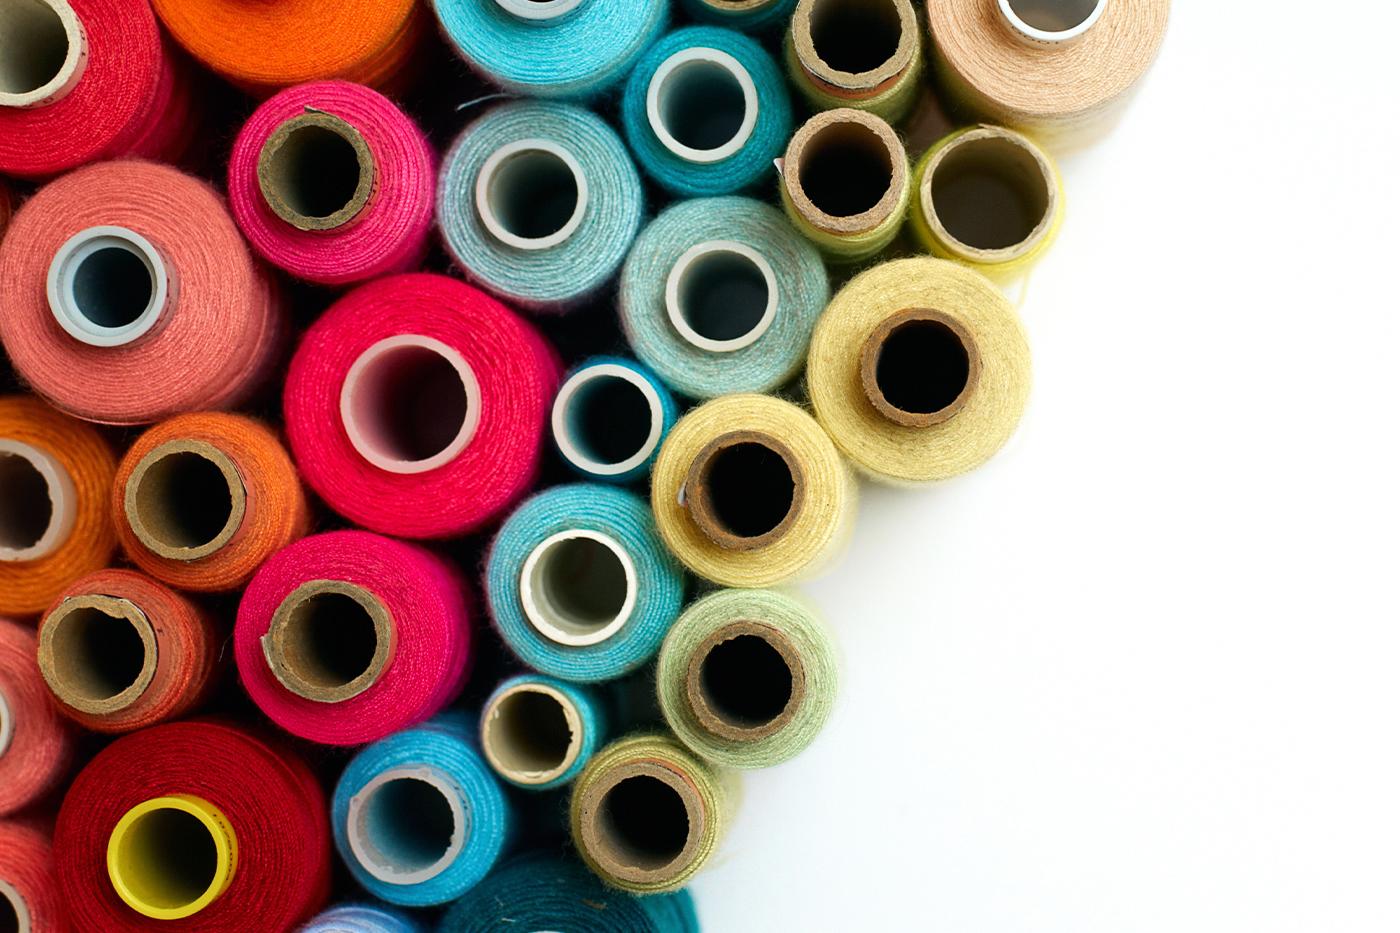 针织服装面料的特点